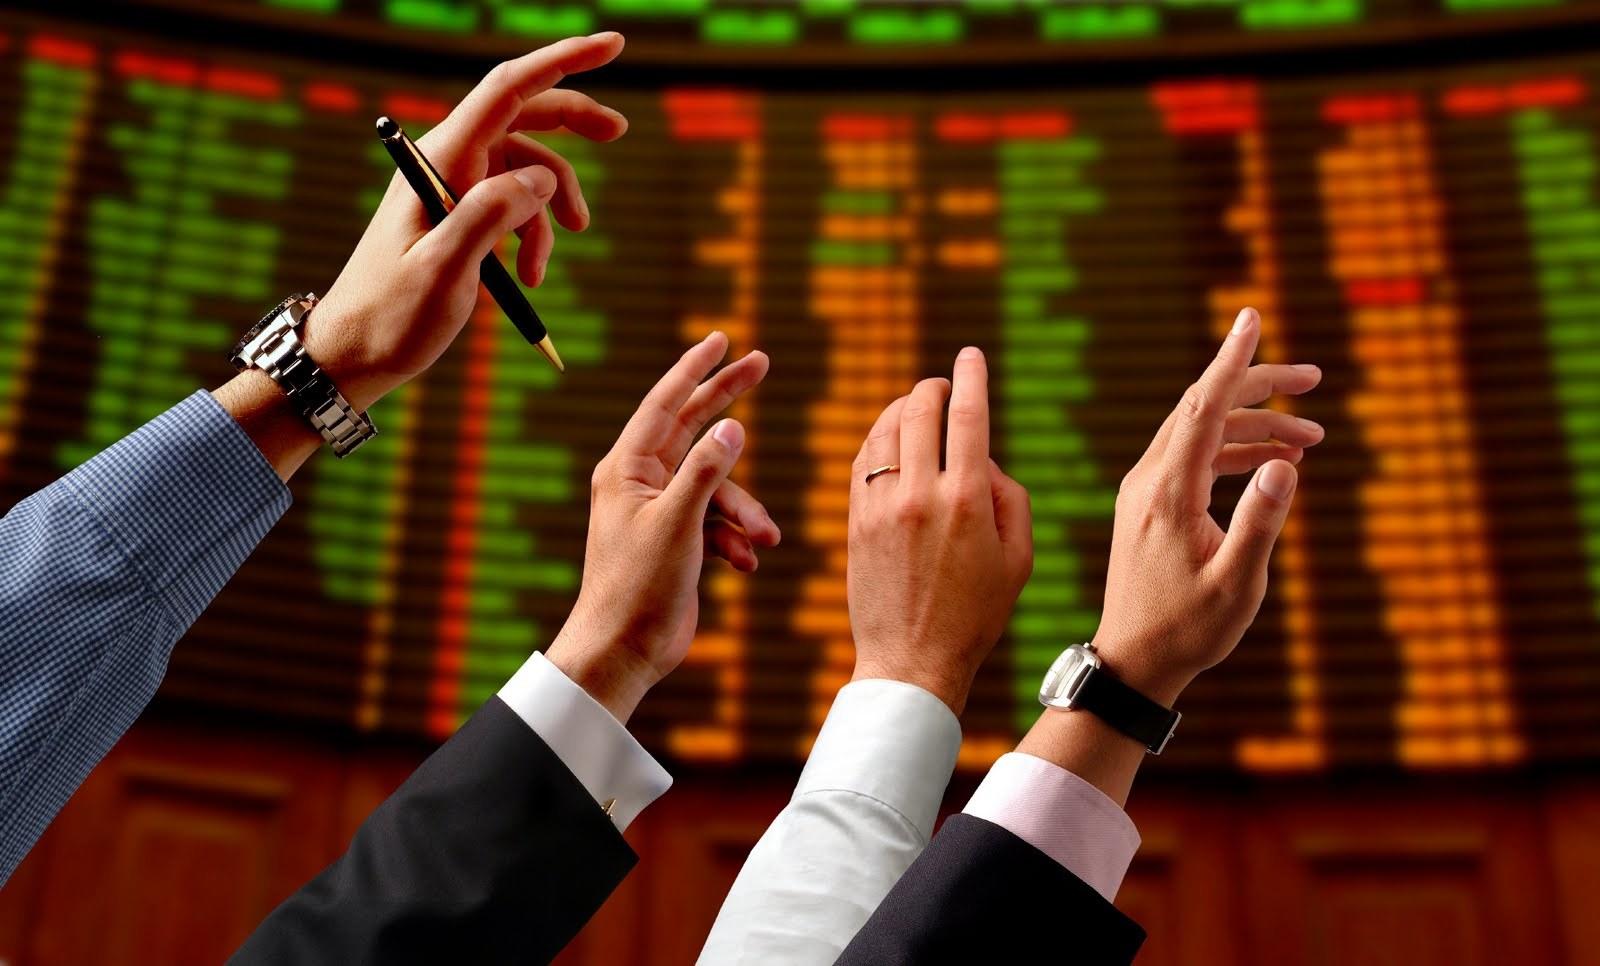 2a056da8cf titoli bancari Borsa italiana, analisi tecnica e market movers della  settimana